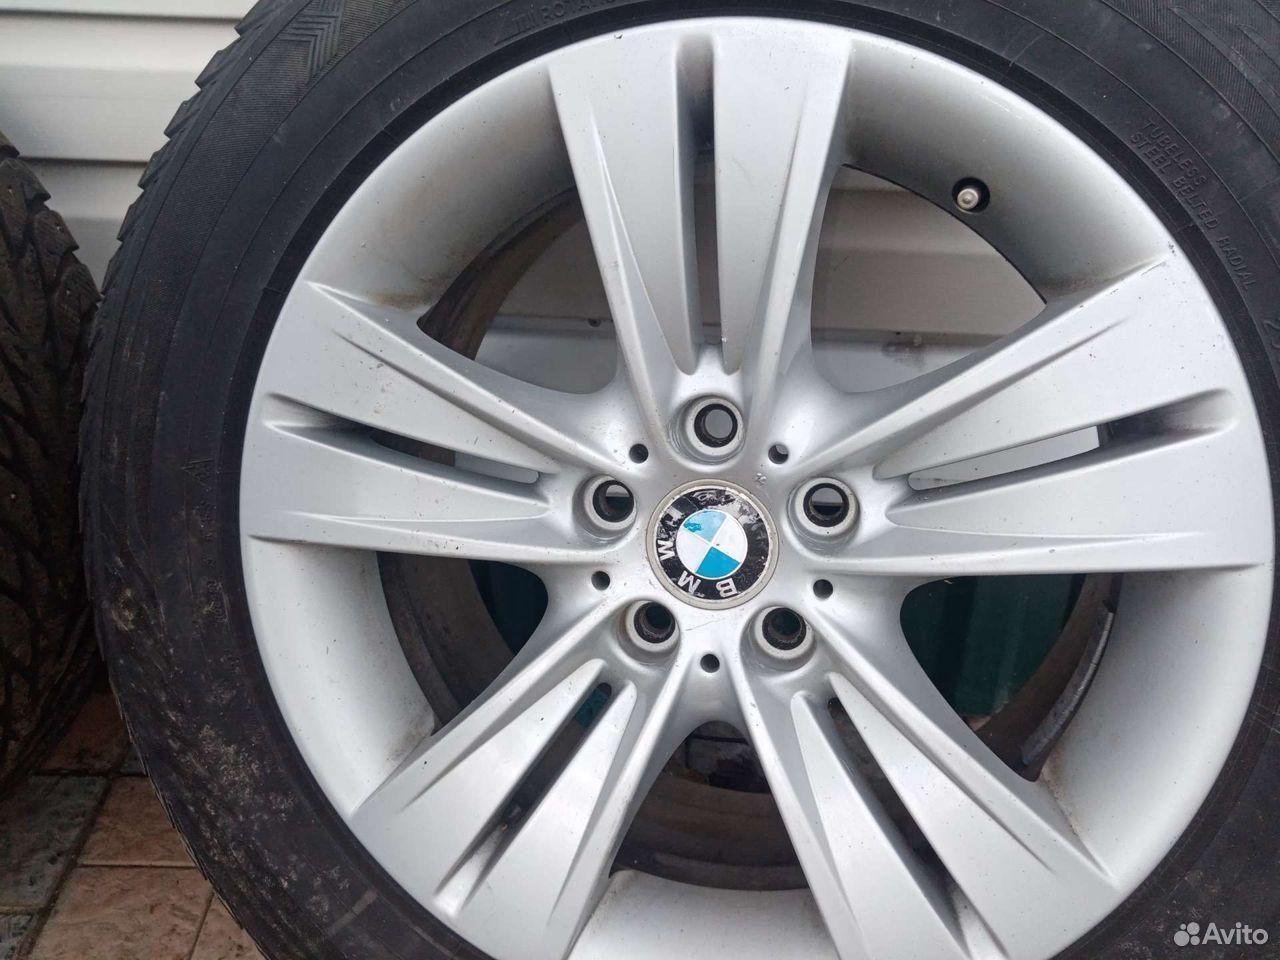 Литье и шины Бмв 18-255-55  89025666423 купить 5